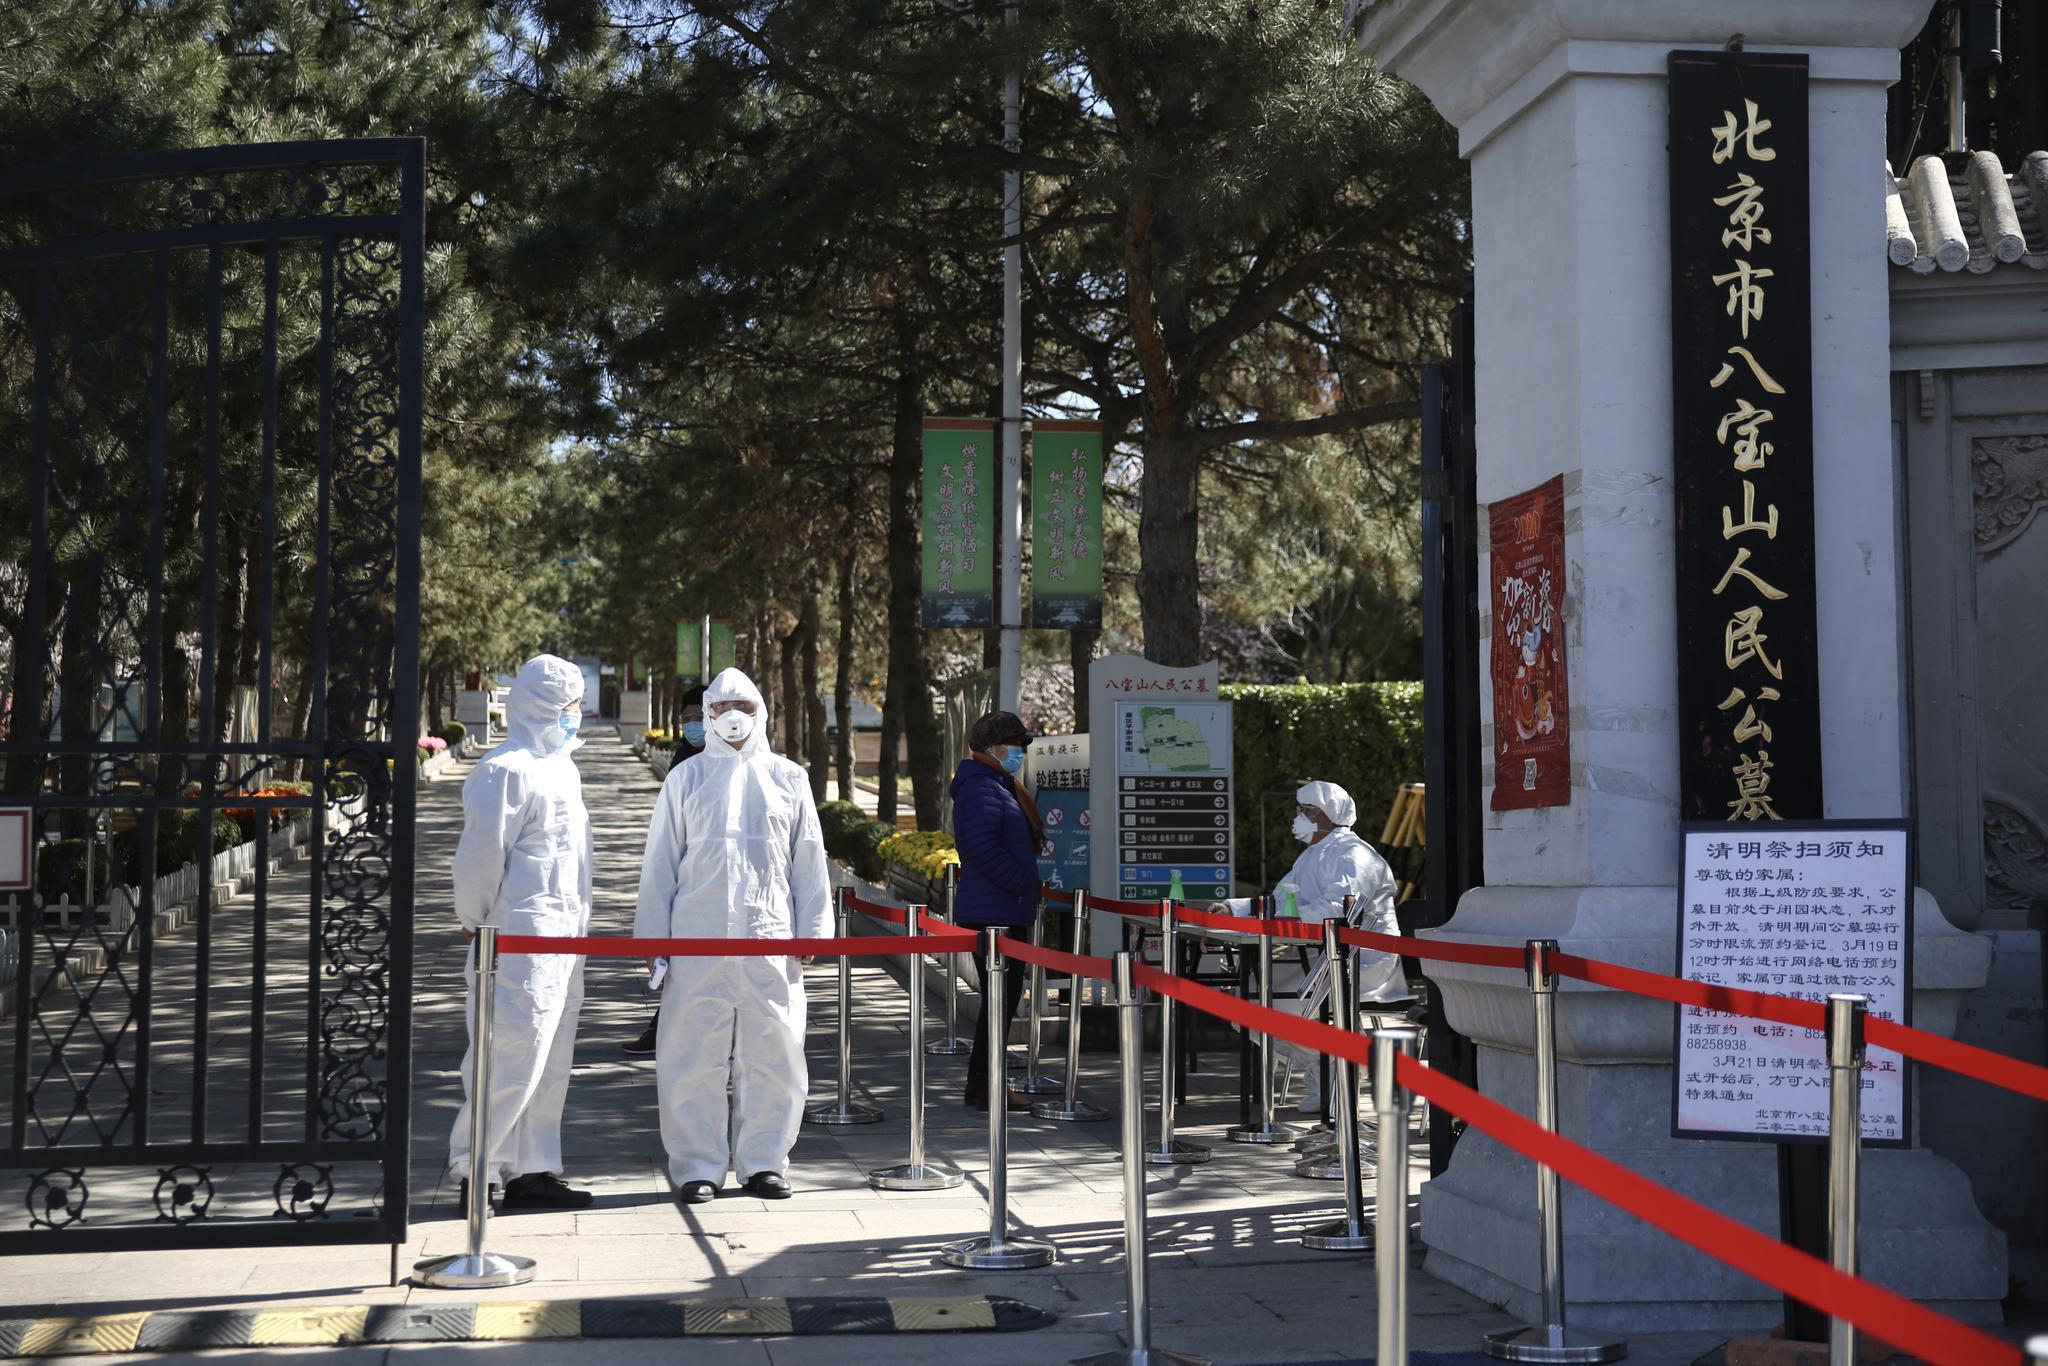 今年清明怎么祭扫?记者提前探访八宝山人民公墓准备工作图片